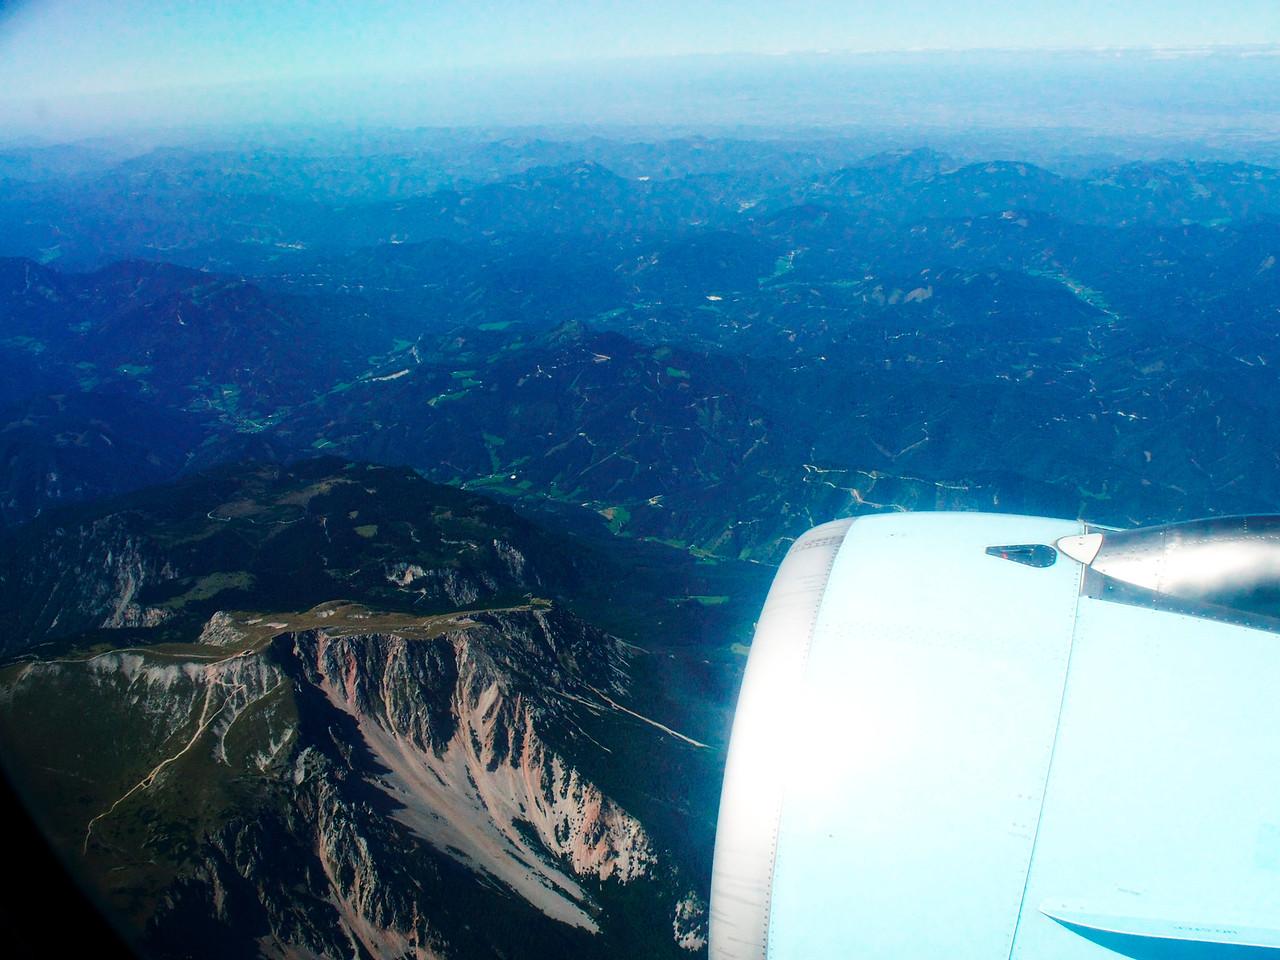 Rakousko, pravděpodobně hora Schneeberg